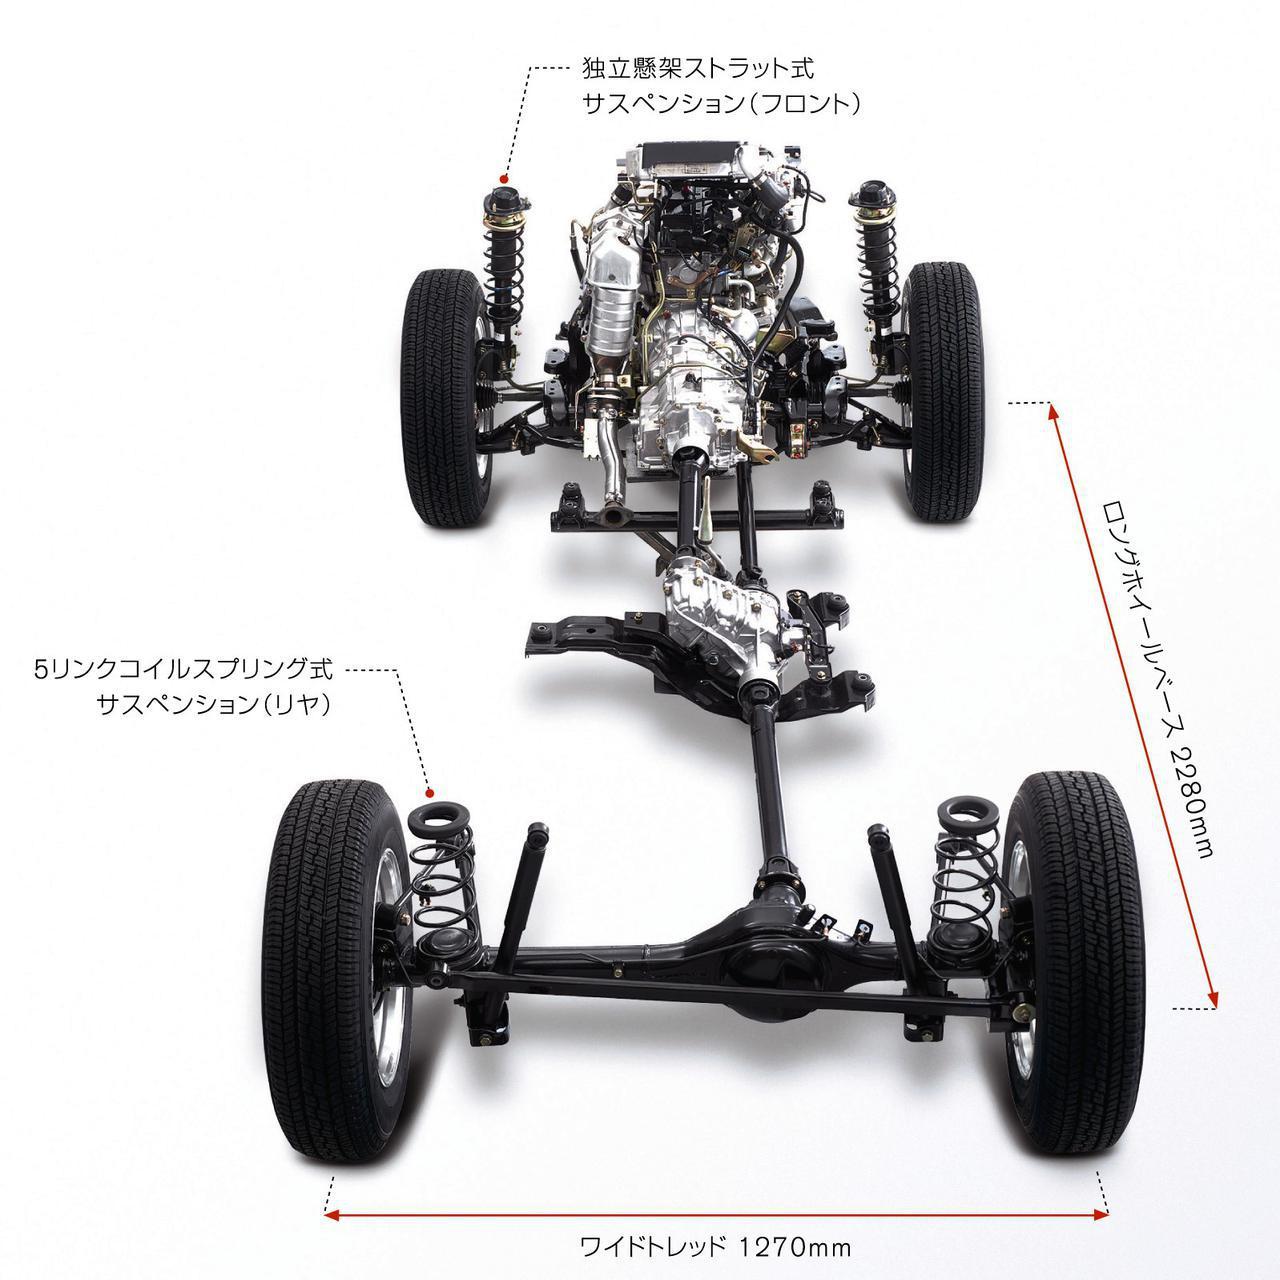 画像: フロントに独立懸架(ストラット)式、リアに車軸(5リンク)式を採用した日産キックス(2008年)のサスペンション。